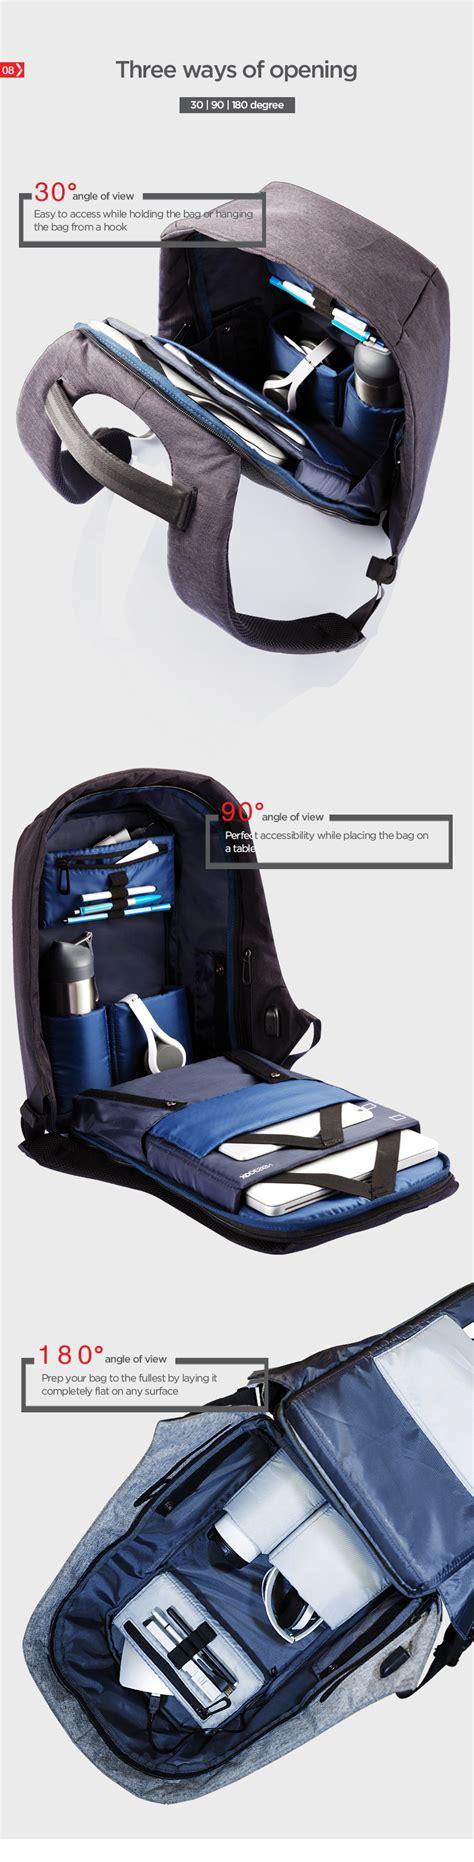 Original Xd Design Bobby Backpack The Best Anti Theft Backpac Limited official xd design bobby the best anti theft backpack original authentic bag 11street